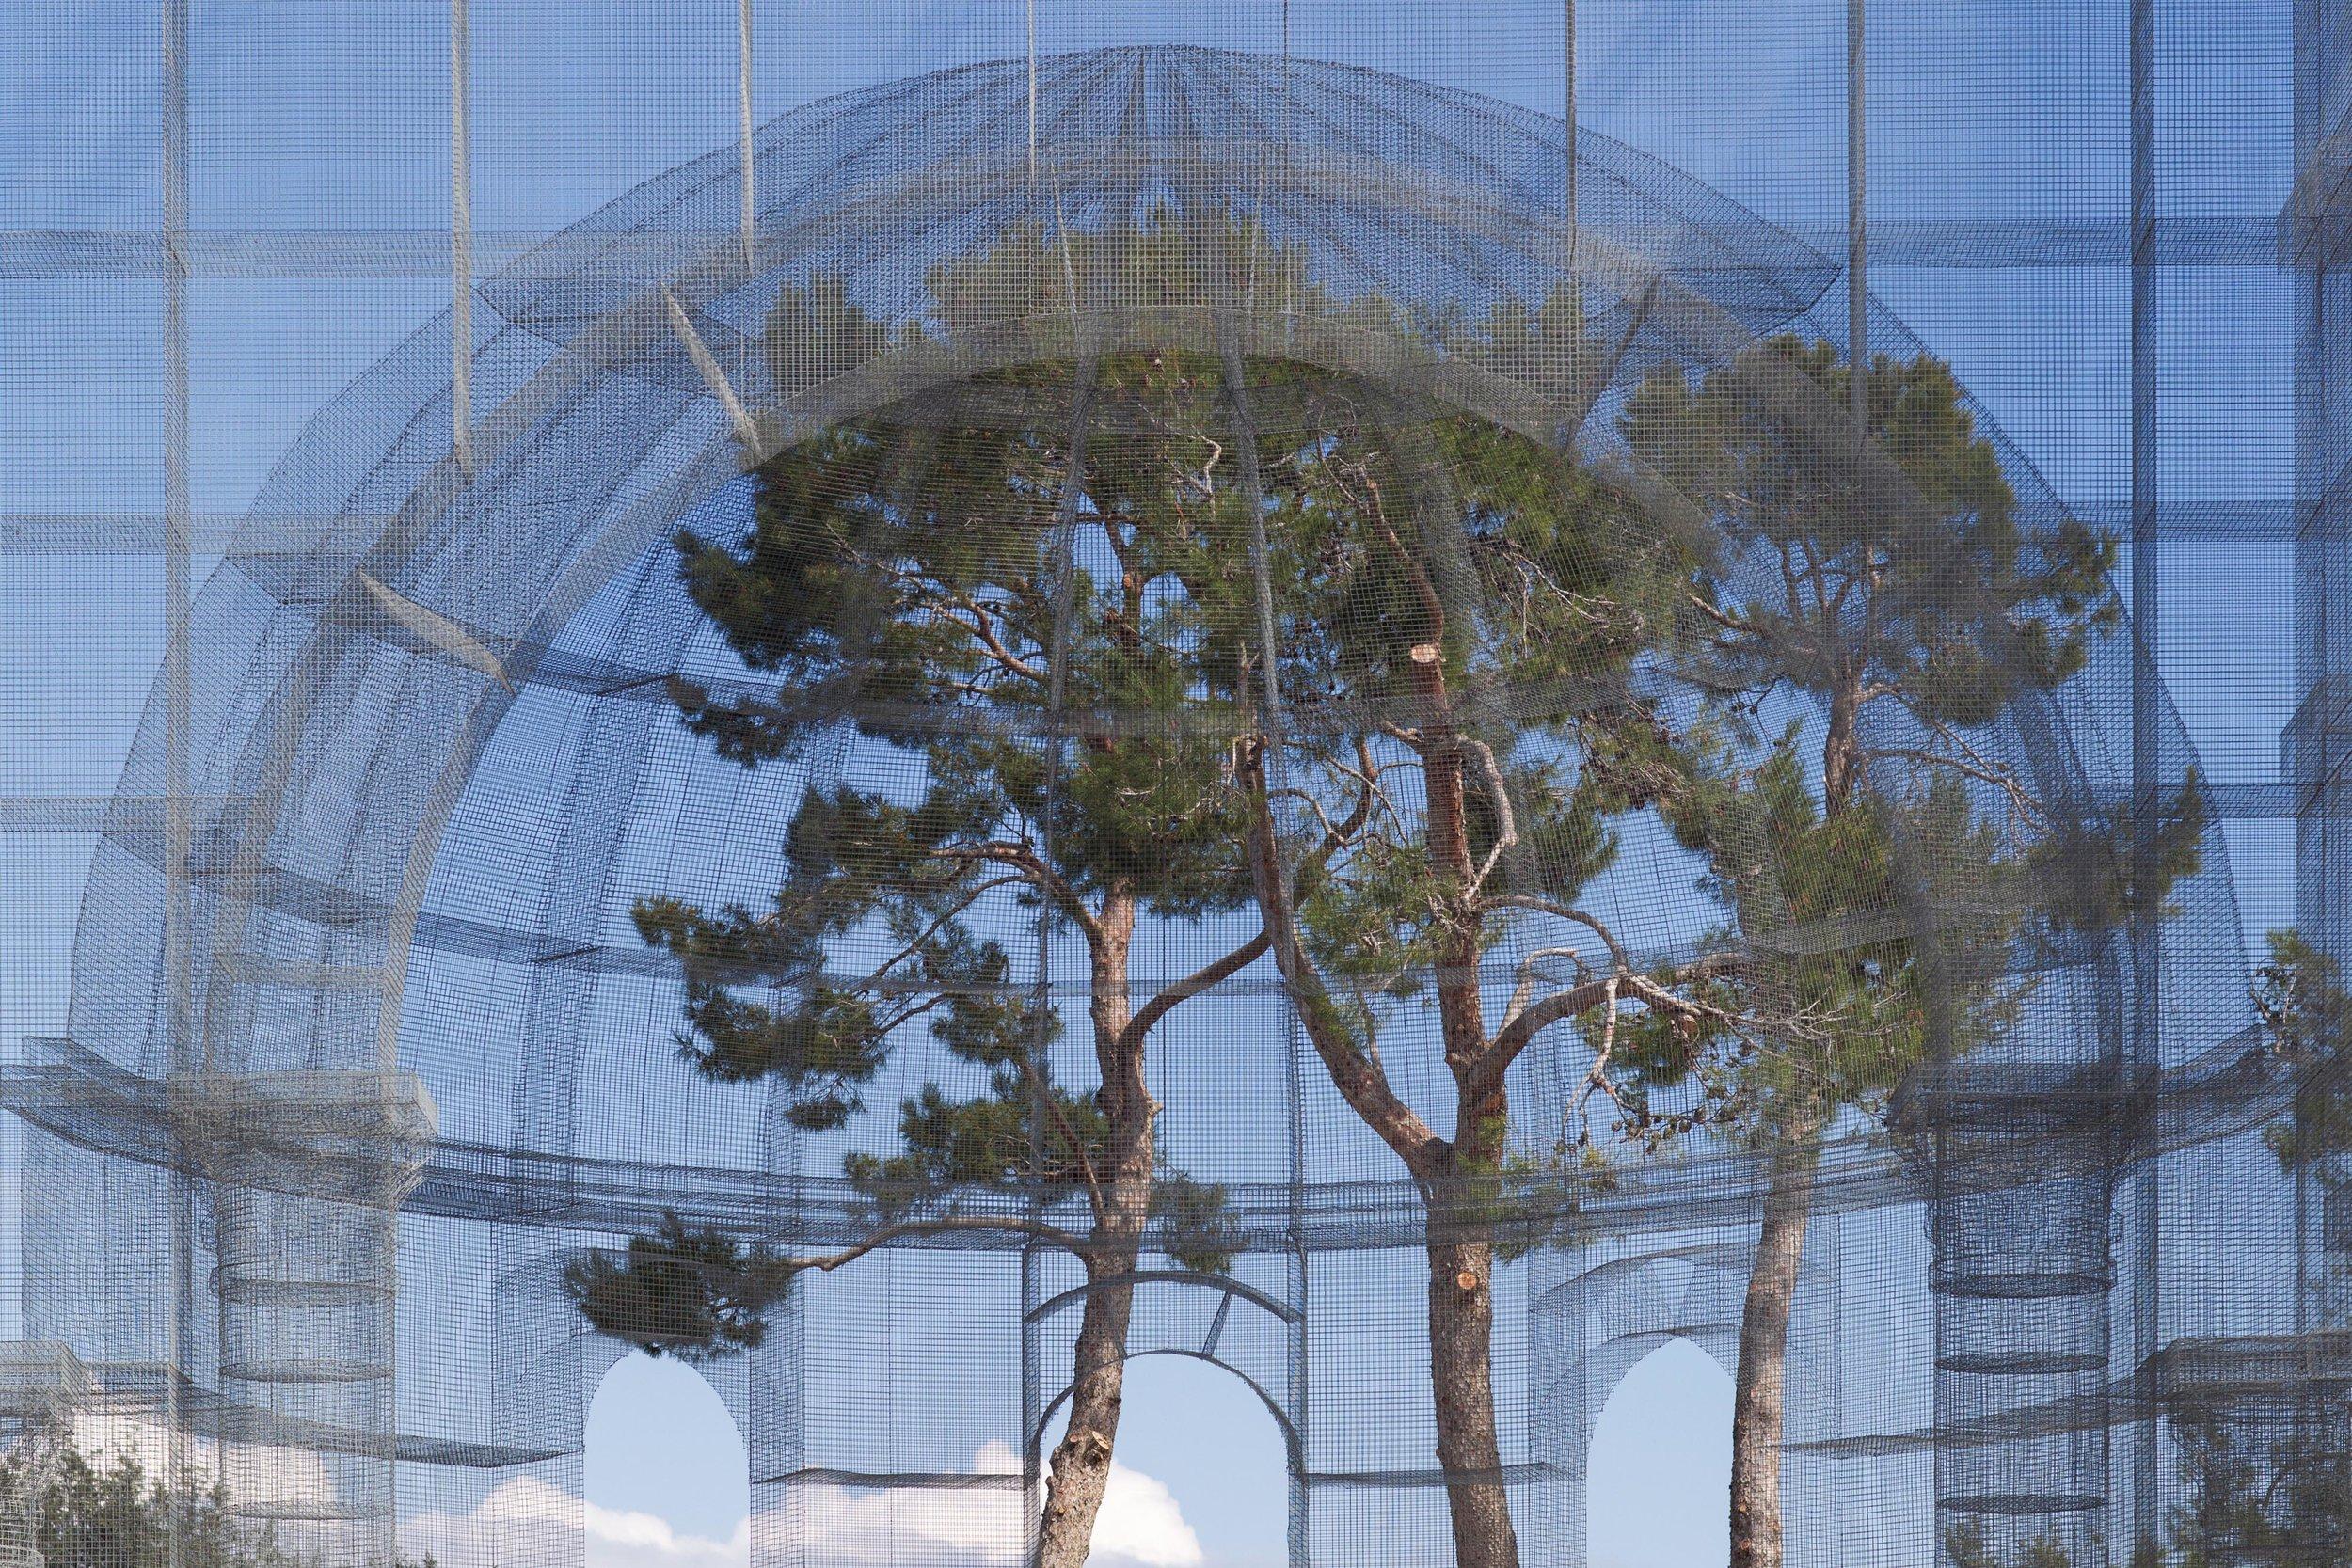 La struttura creata da Edoardo Tresoldi, Immagine di BlindEyeFactory